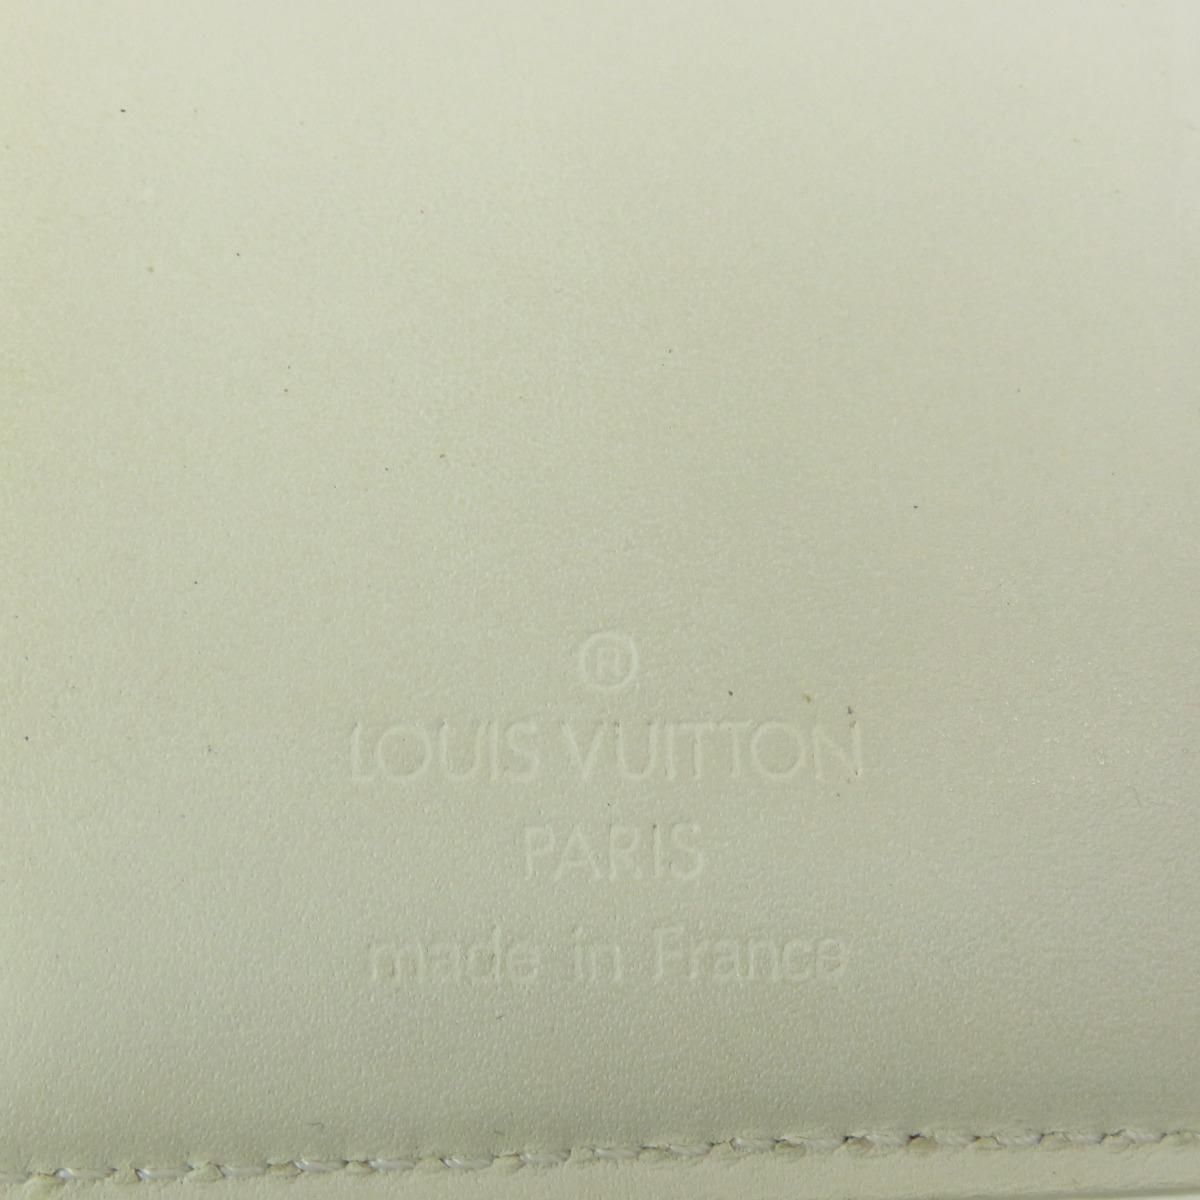 ルイヴィトン M91363 ポルトモネビエヴィエノワ 二つ折り財布 小銭入れありヴェルニ レディースLOUIS VUITTONb7IYf6gyv